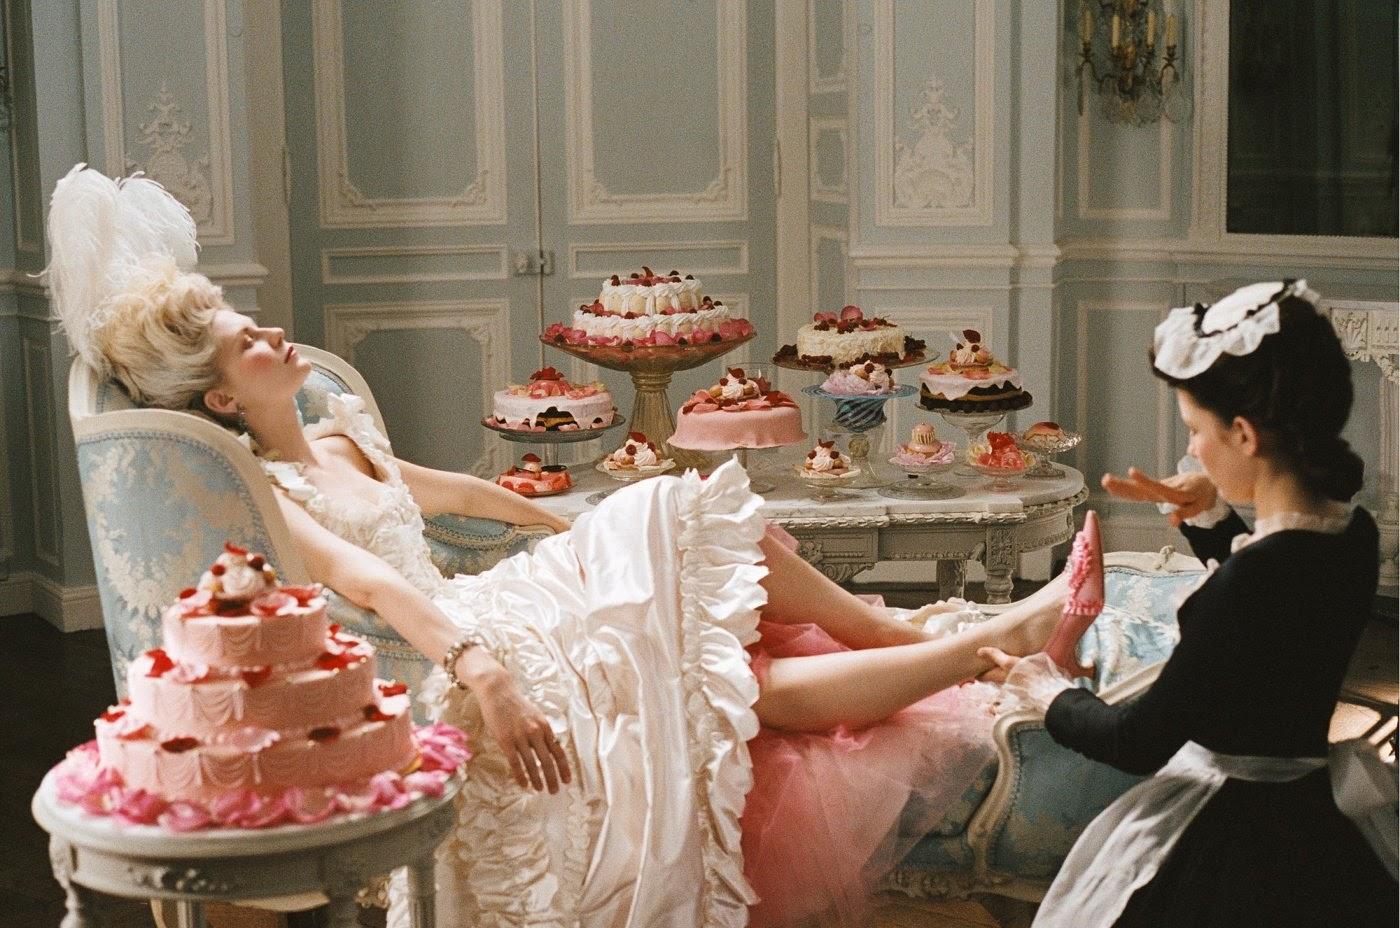 Картинки по запросу мария антуанетта фильм пирожные